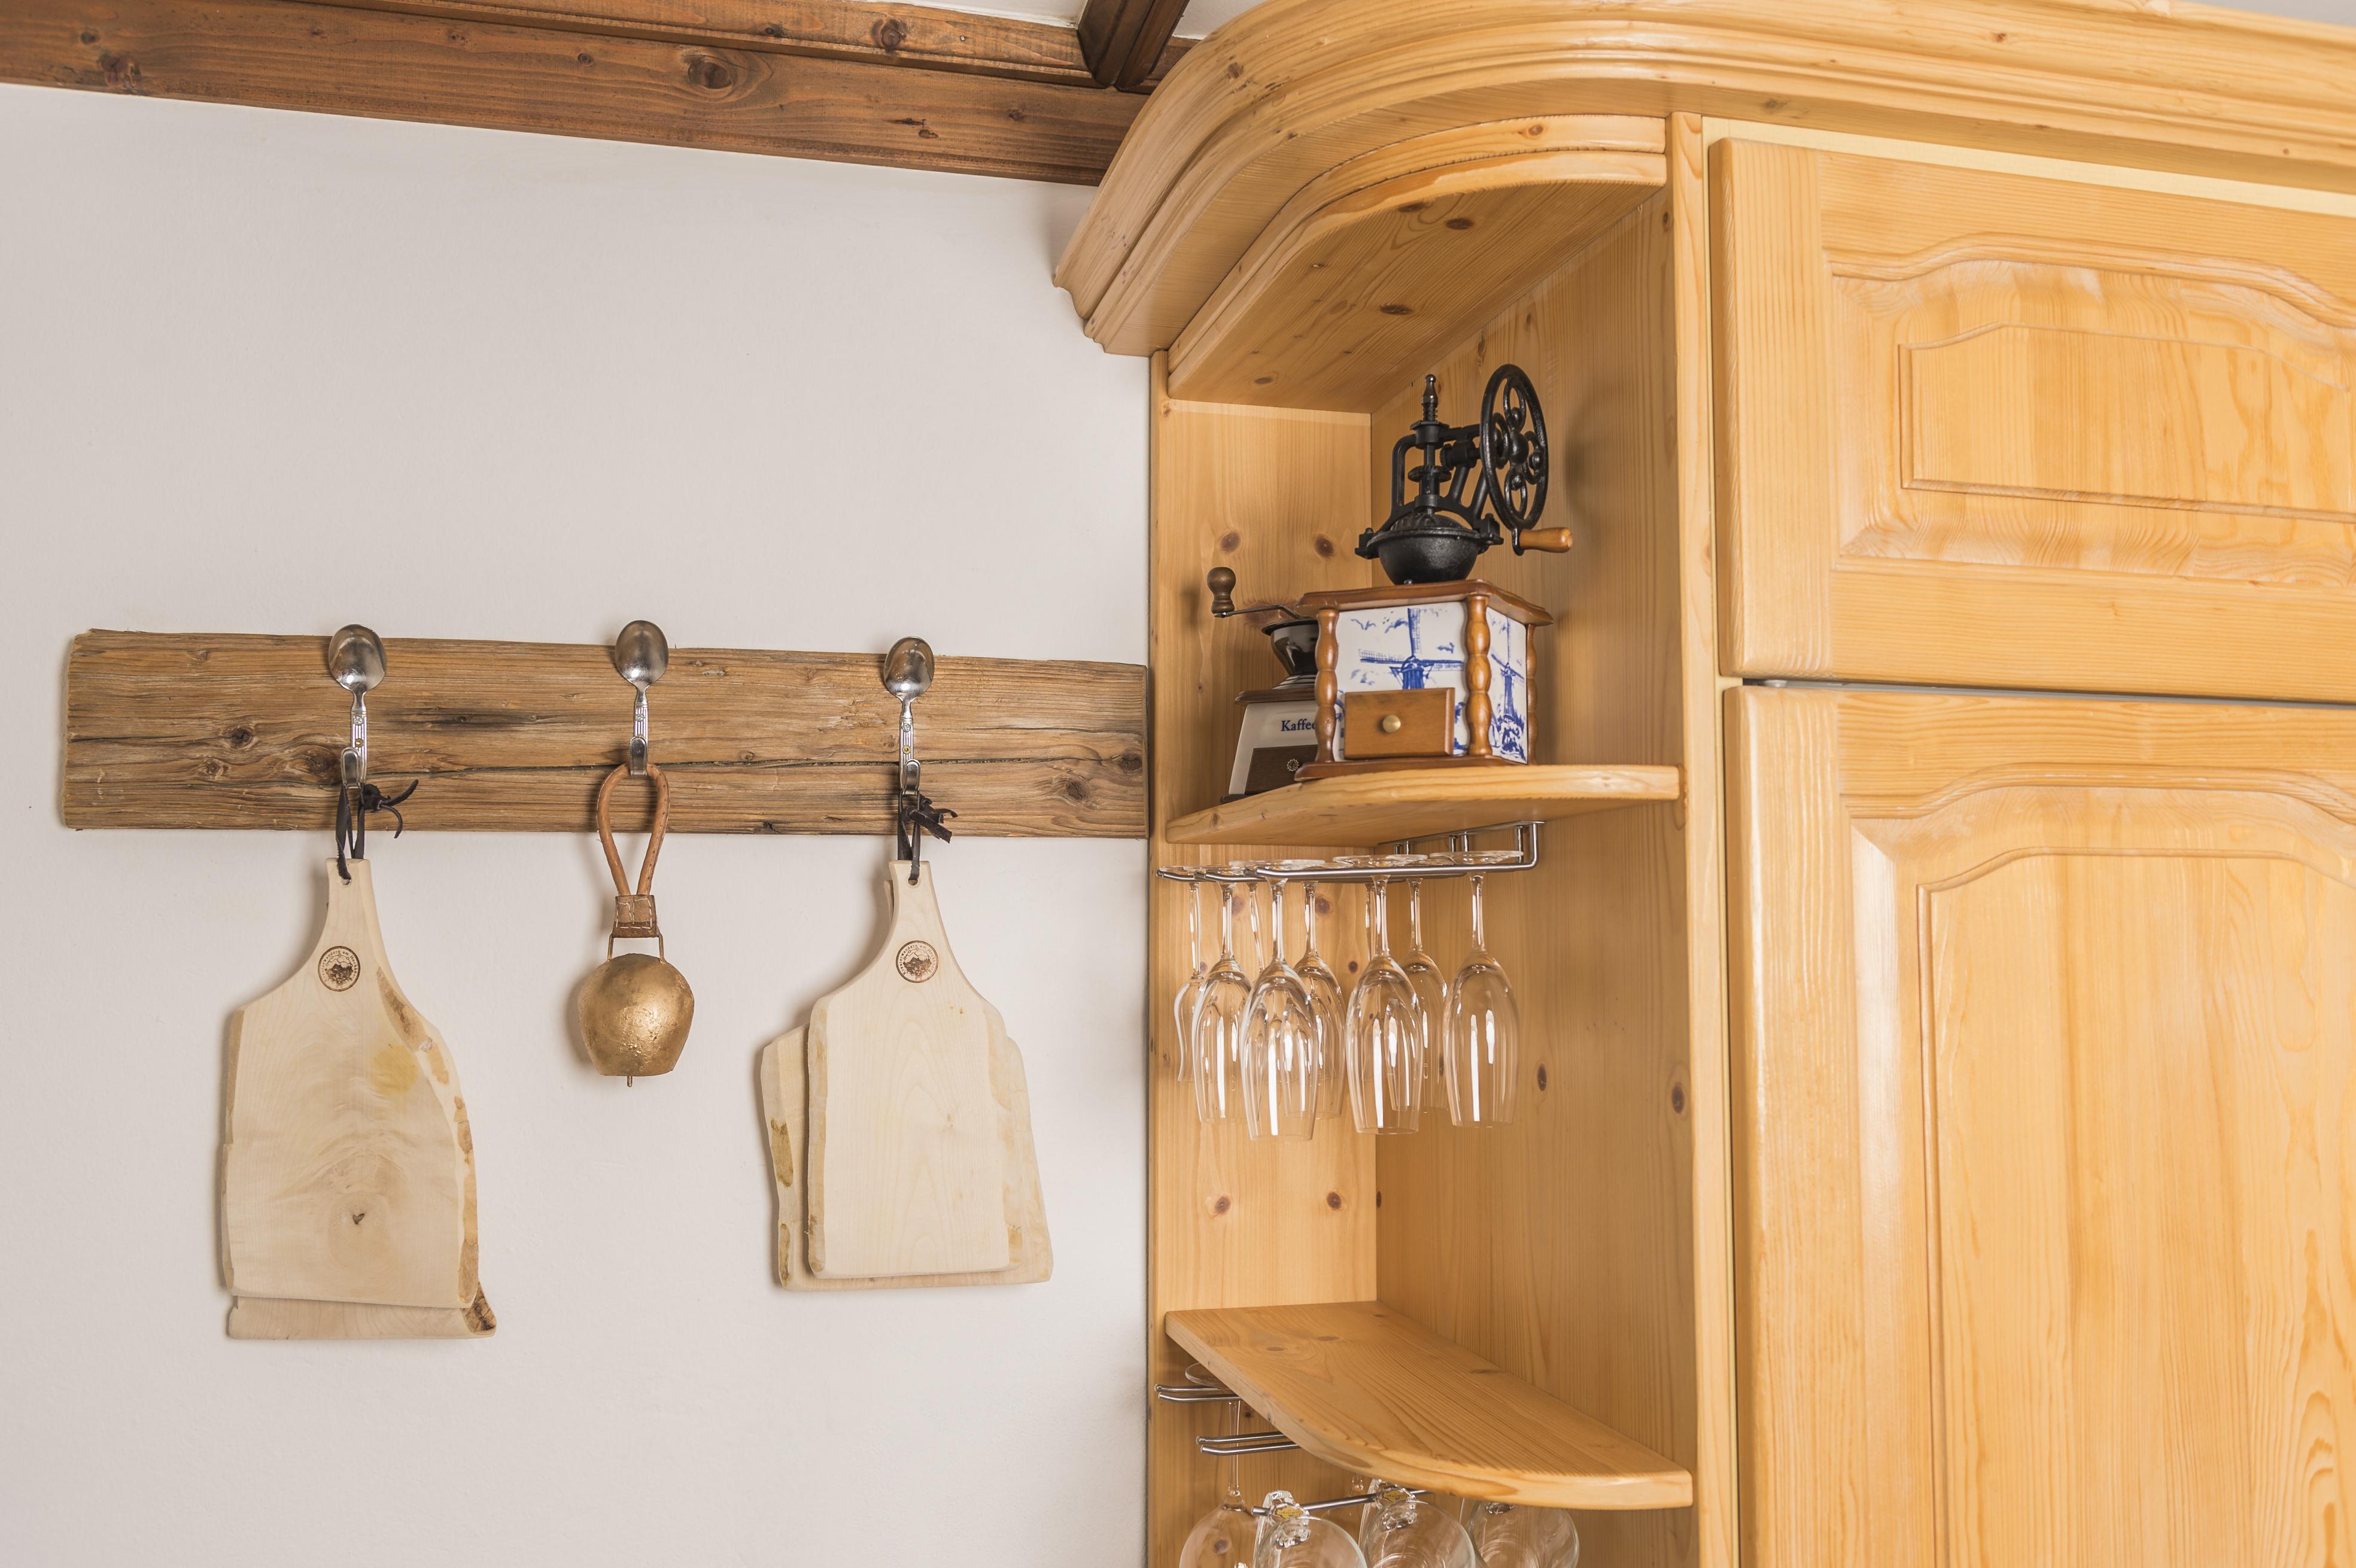 Küche_Apartchalet_almliebe (5)